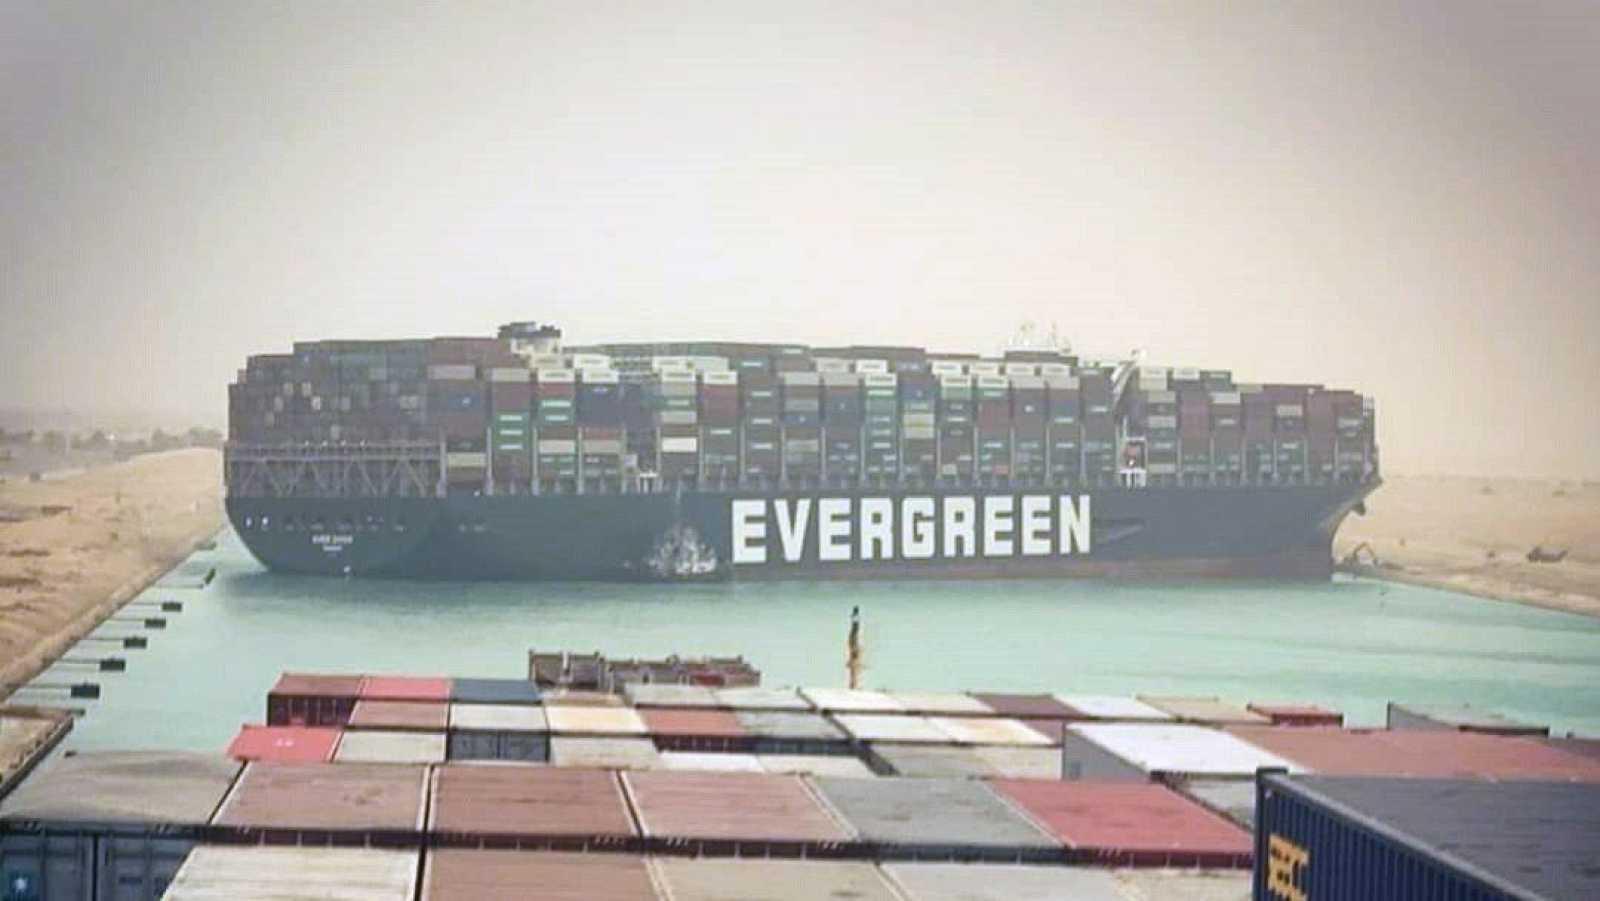 Un carguero atravesado bloquea el tráfico en el Canal de Suez